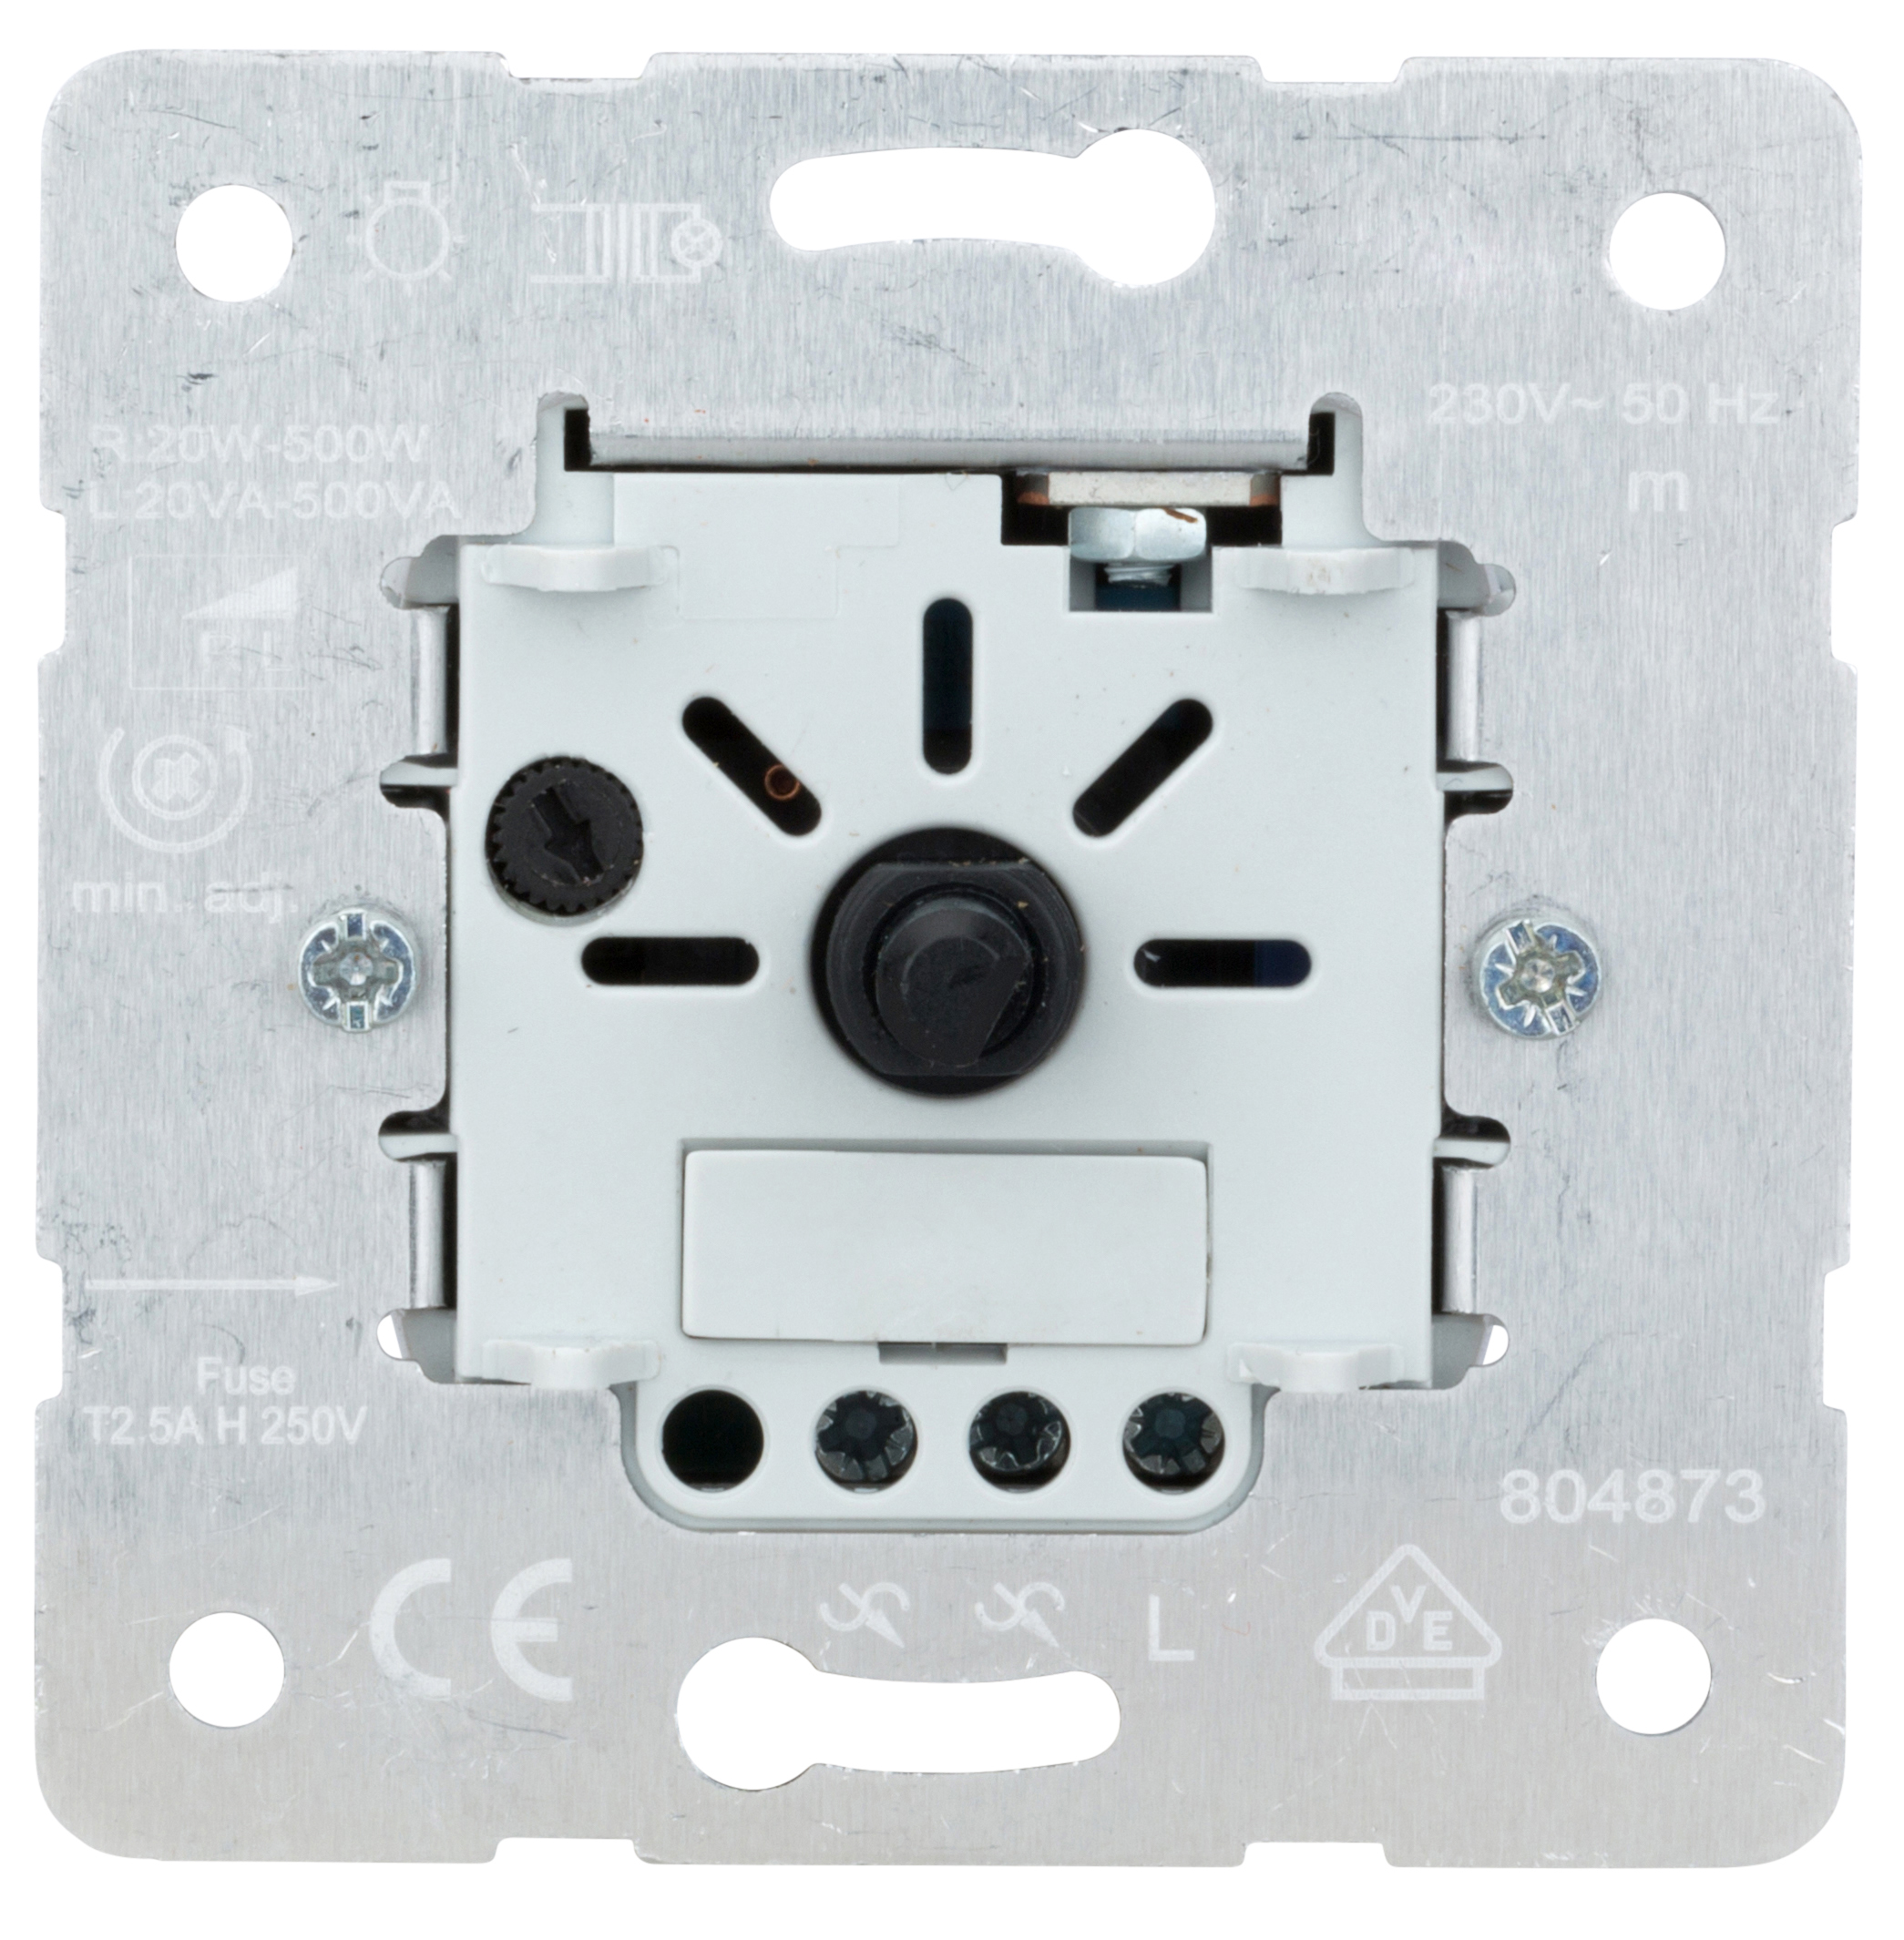 1 Stk Dimmereinsatz 20-500W/VA, RL EV103022--